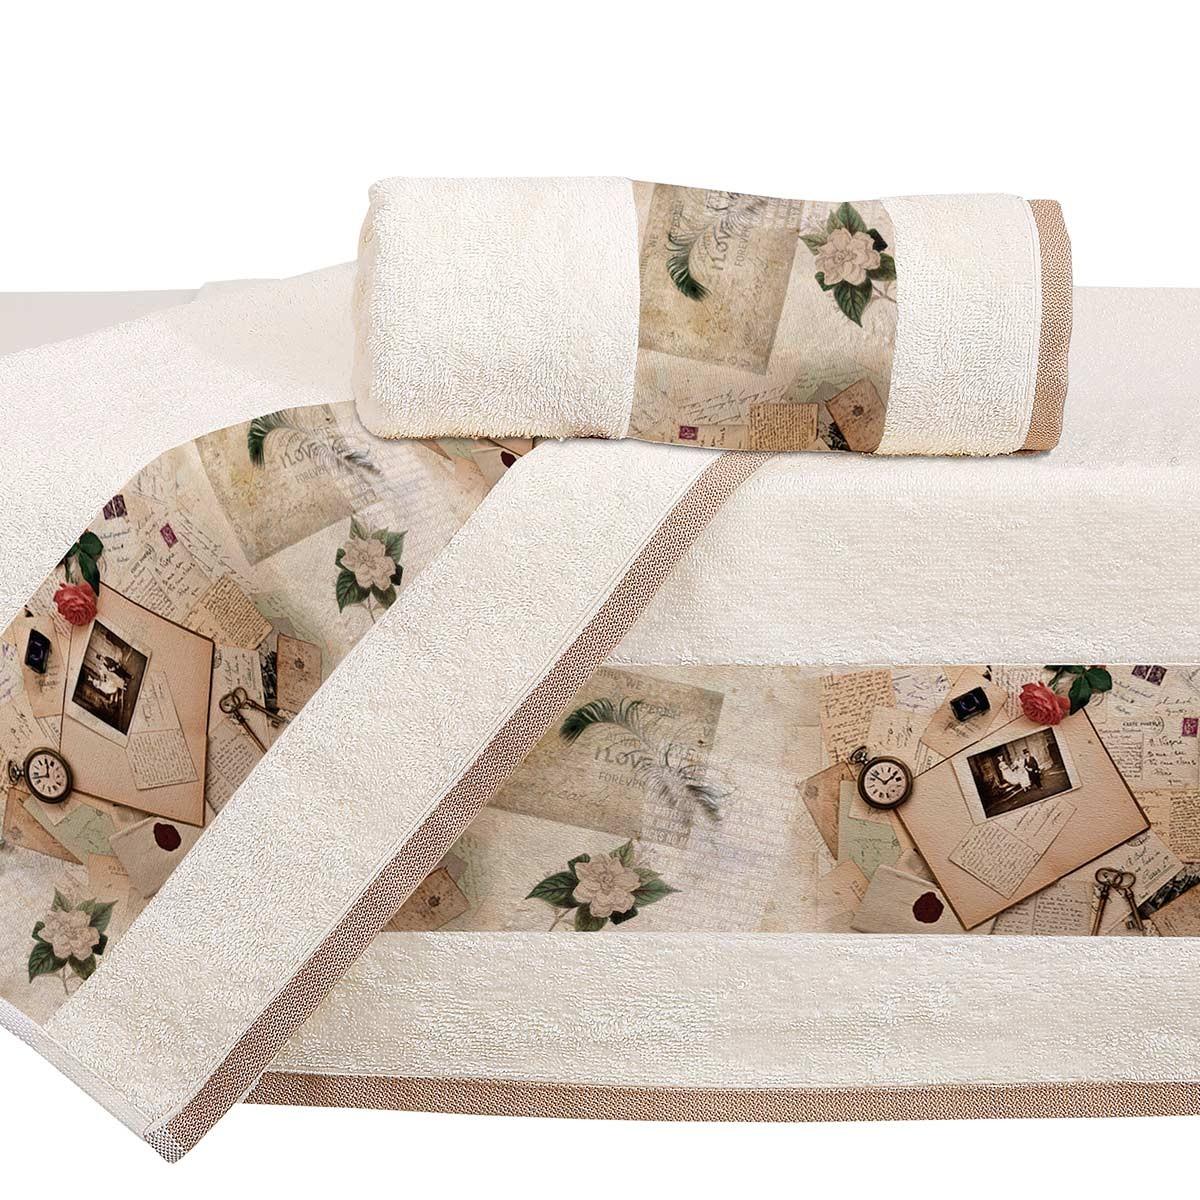 Πετσέτες Μπάνιου (Σετ 3τμχ) Viopros Digital 1309